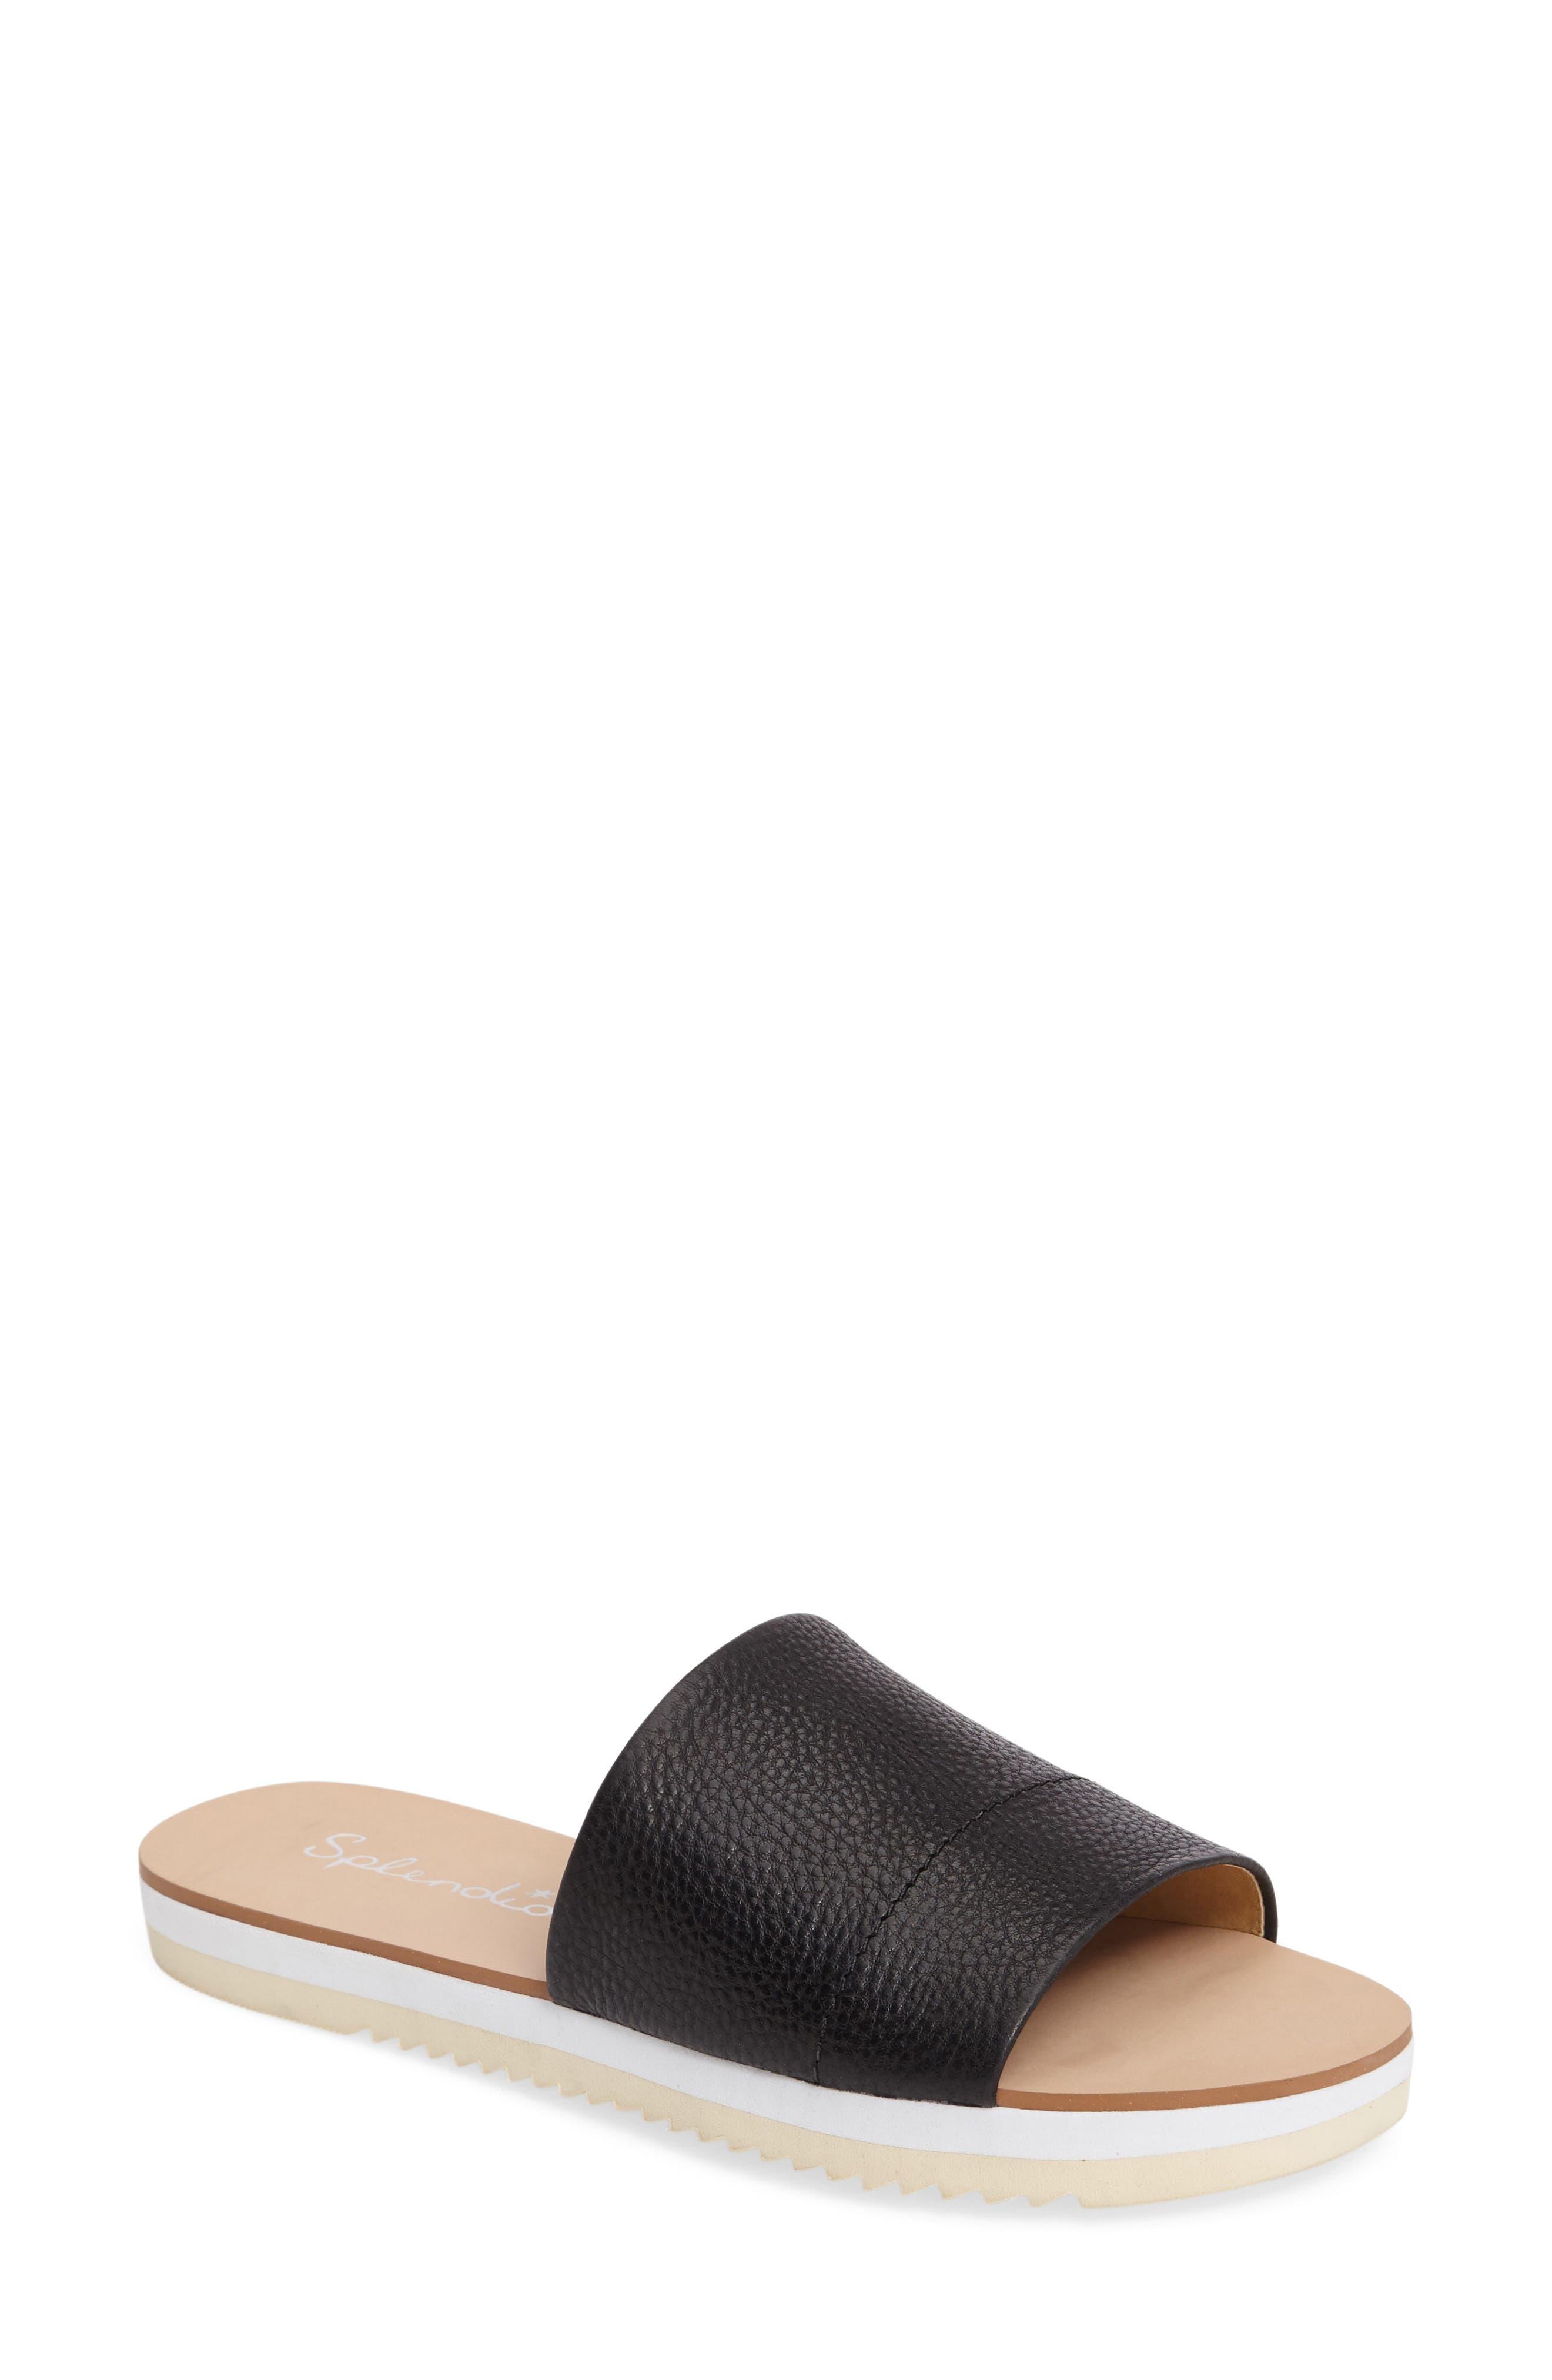 SPLENDID Jazz Slide Sandal, Main, color, 002